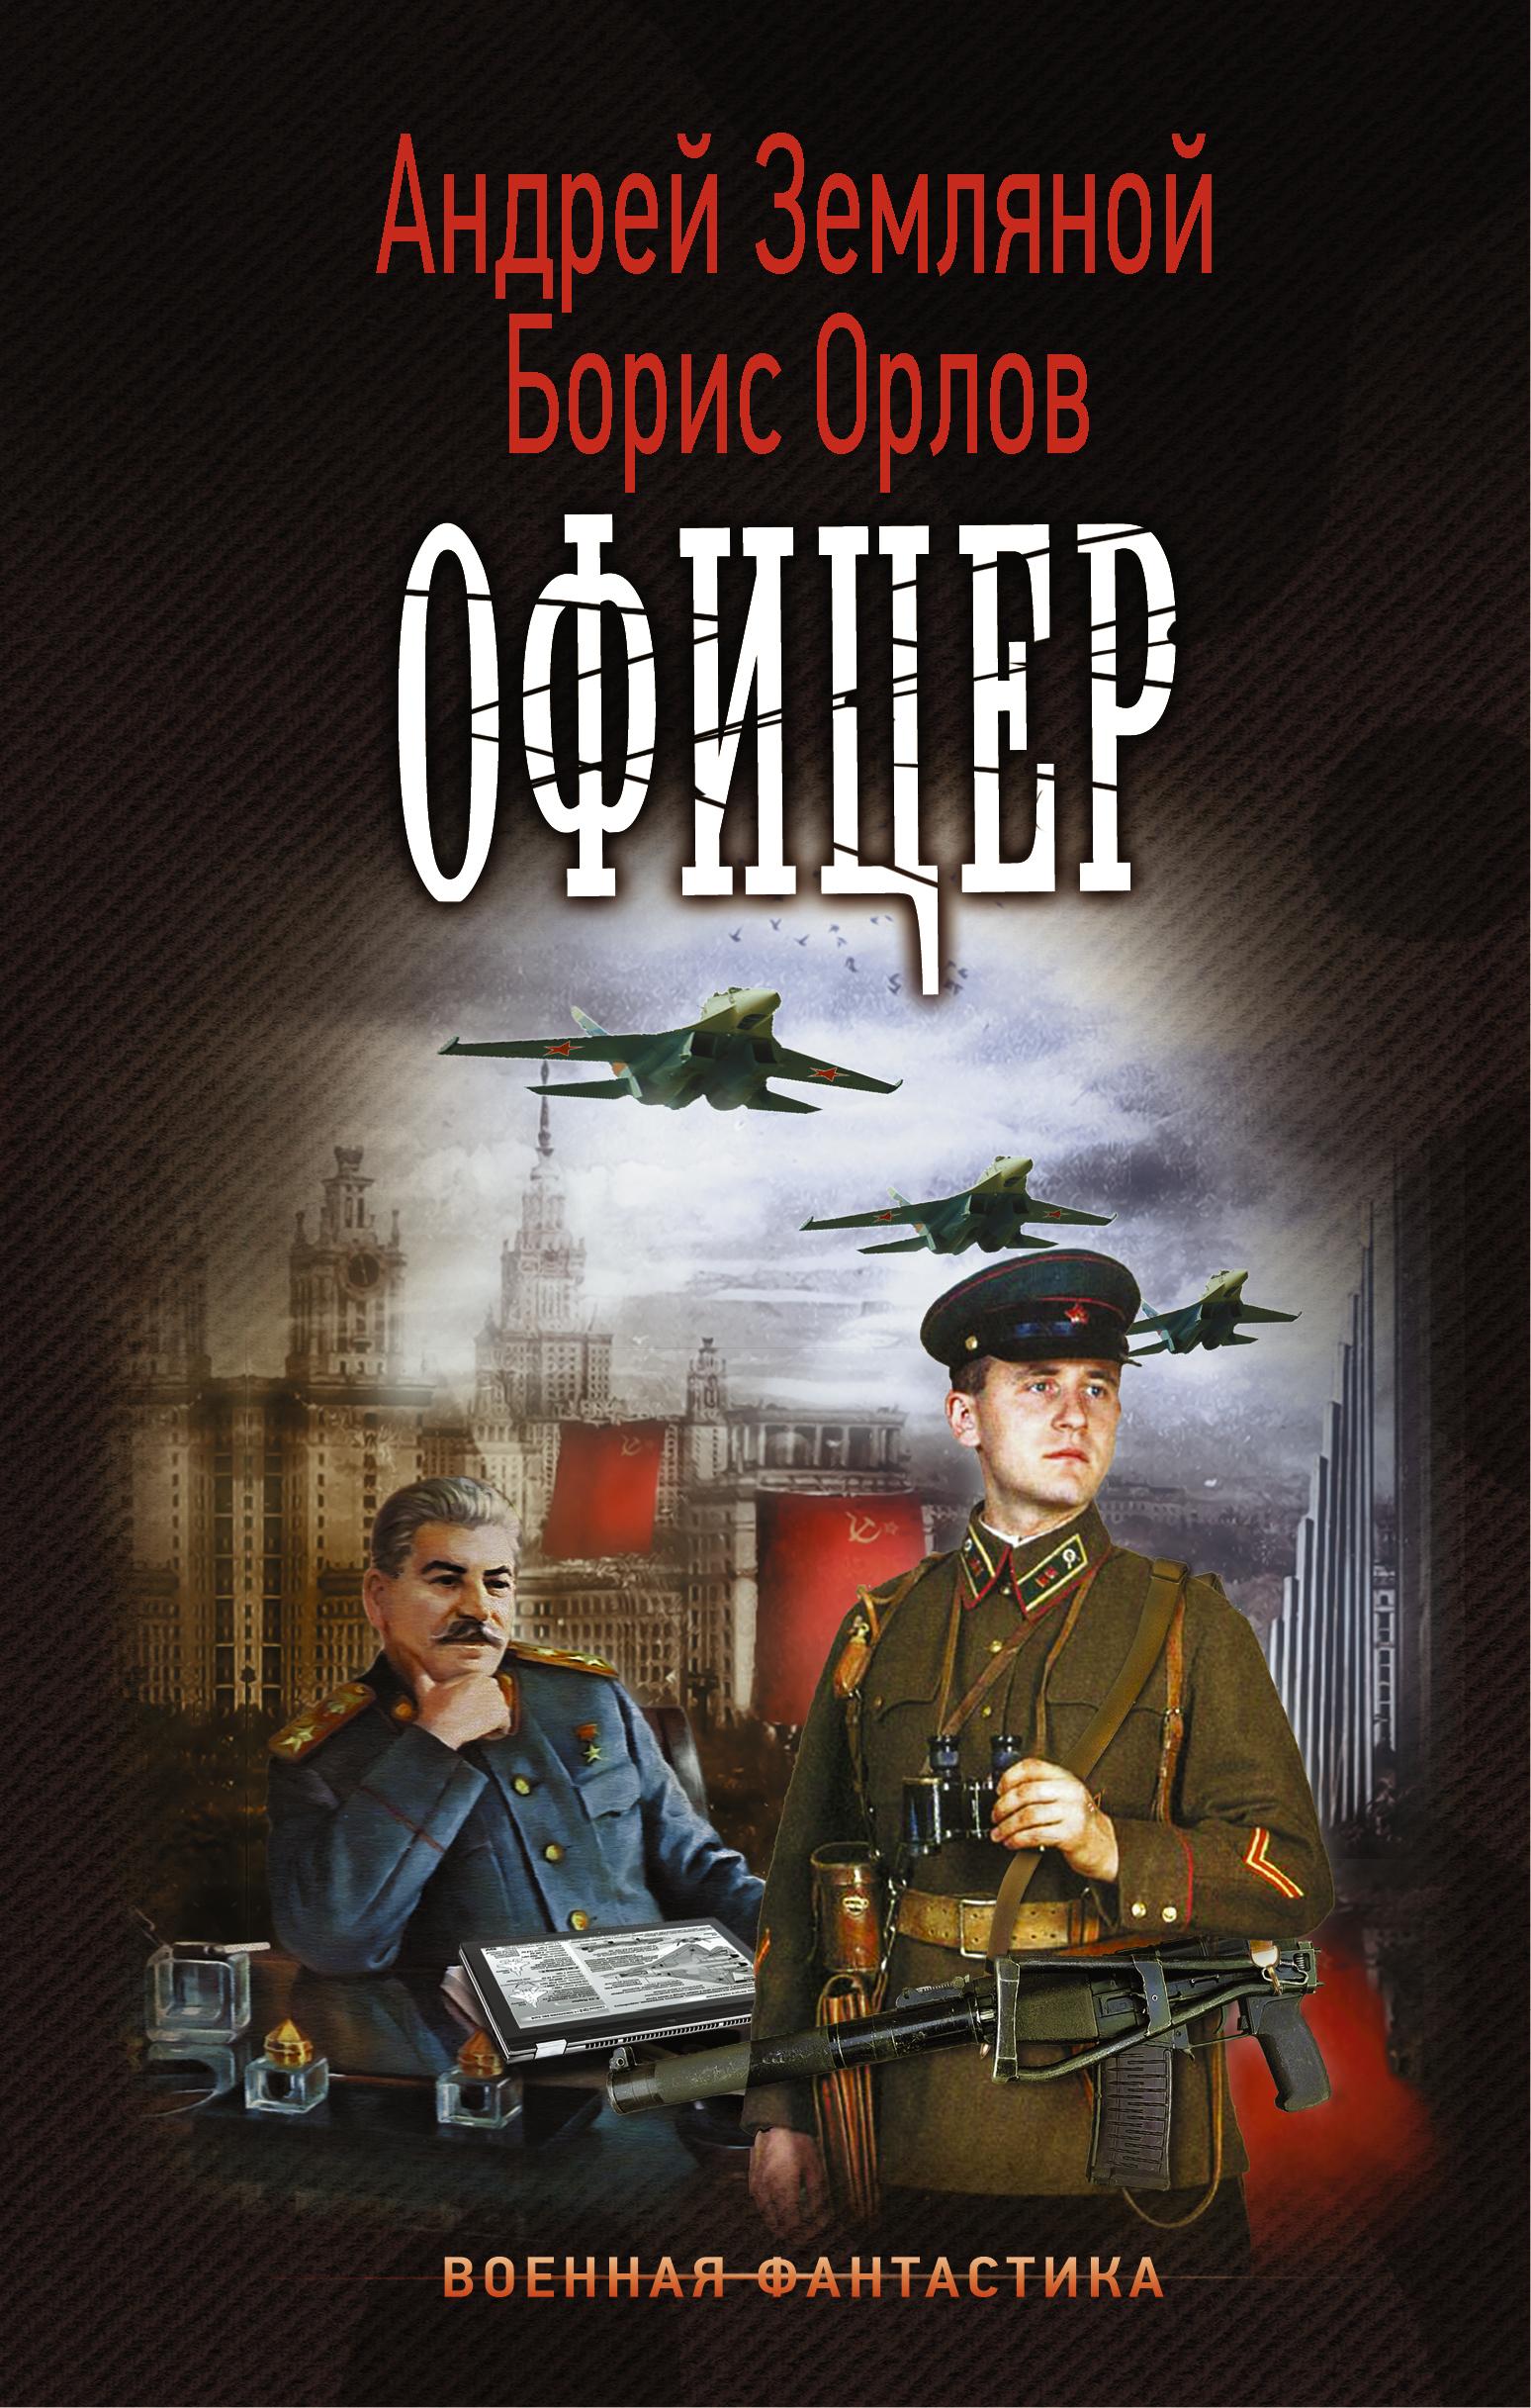 Земляной Андрей, Орлов Борис Офицер